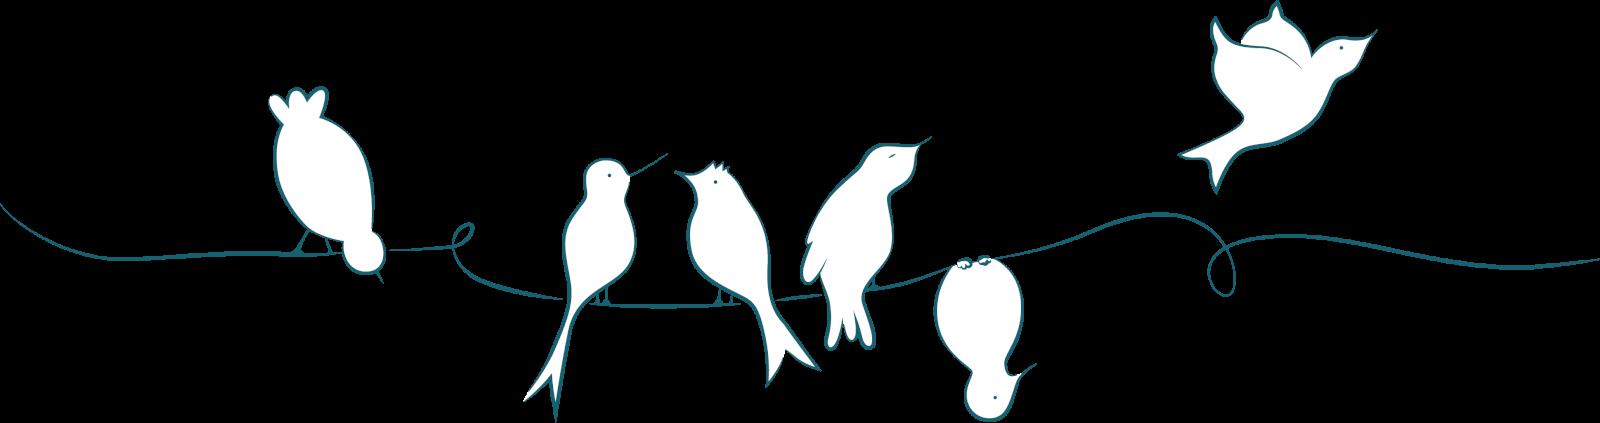 solene-sirvente_birds-on-wire_bleu-blanc6@2x